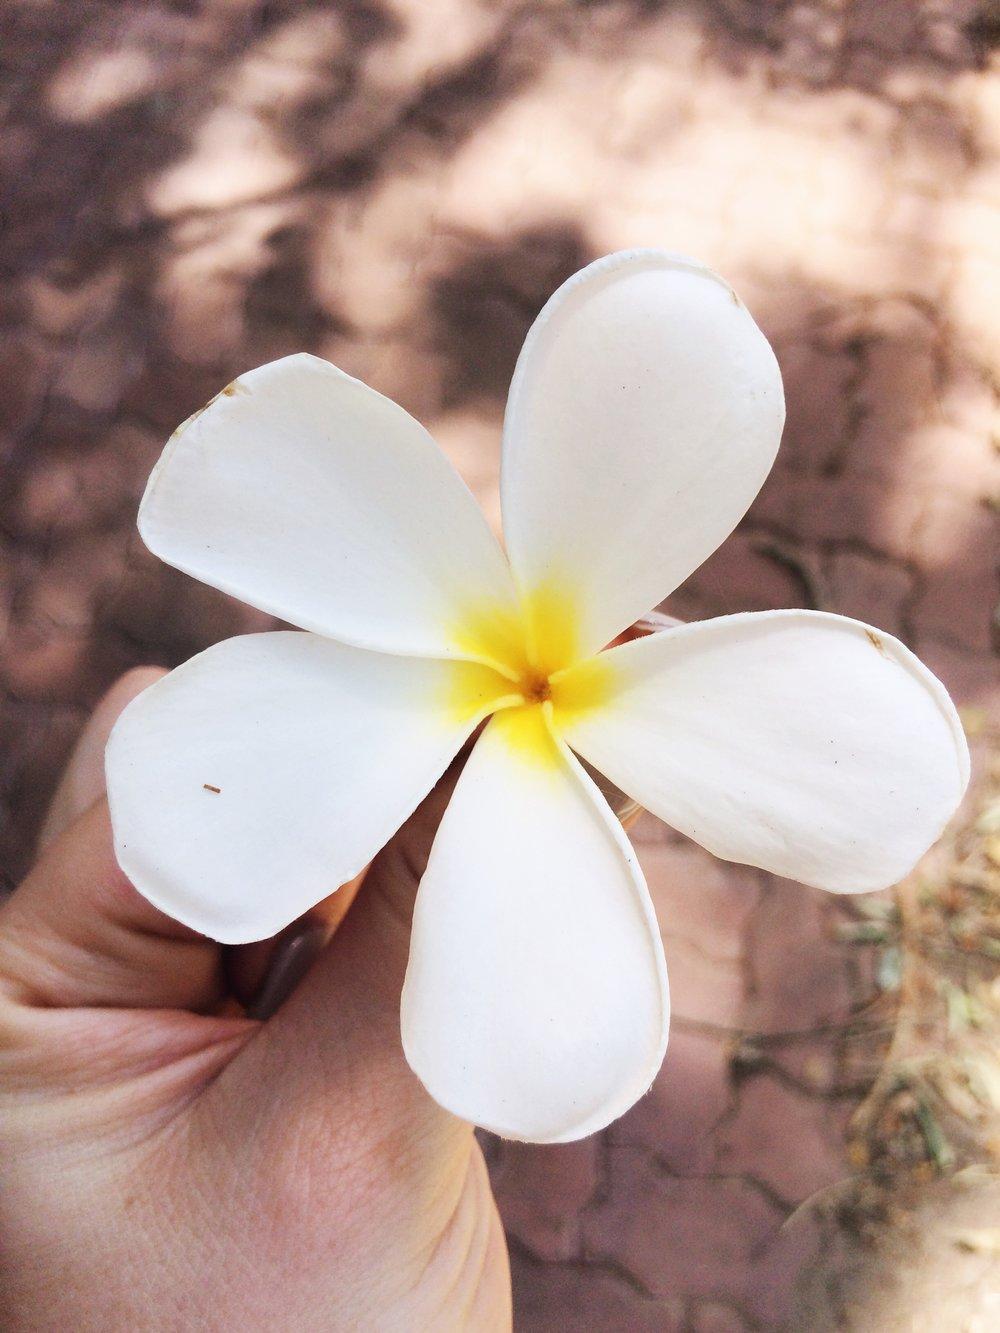 Temppelipuun (gardenian)kukka Sri Lankassa viime kesänä :)